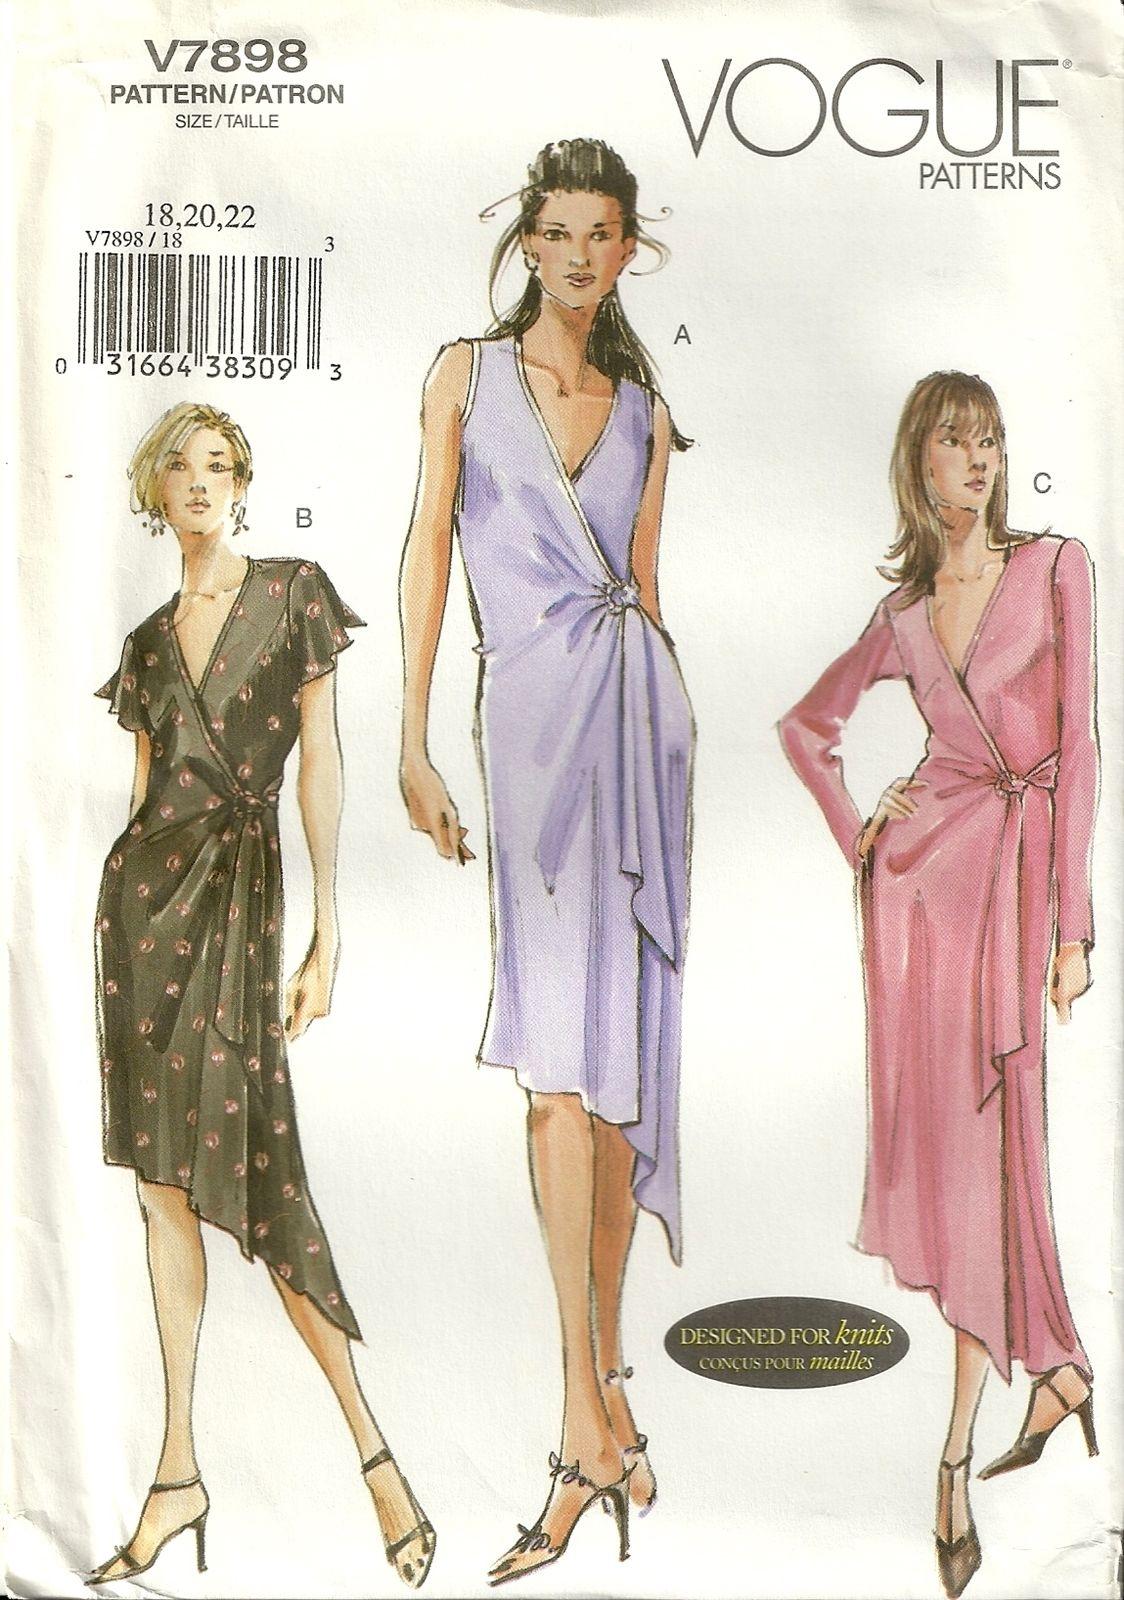 Classy patterns vogue 7898 womens slinky wrap dress sewing classy patterns vogue 7898 womens slinky wrap dress sewing pattern size 18 20 jeuxipadfo Image collections